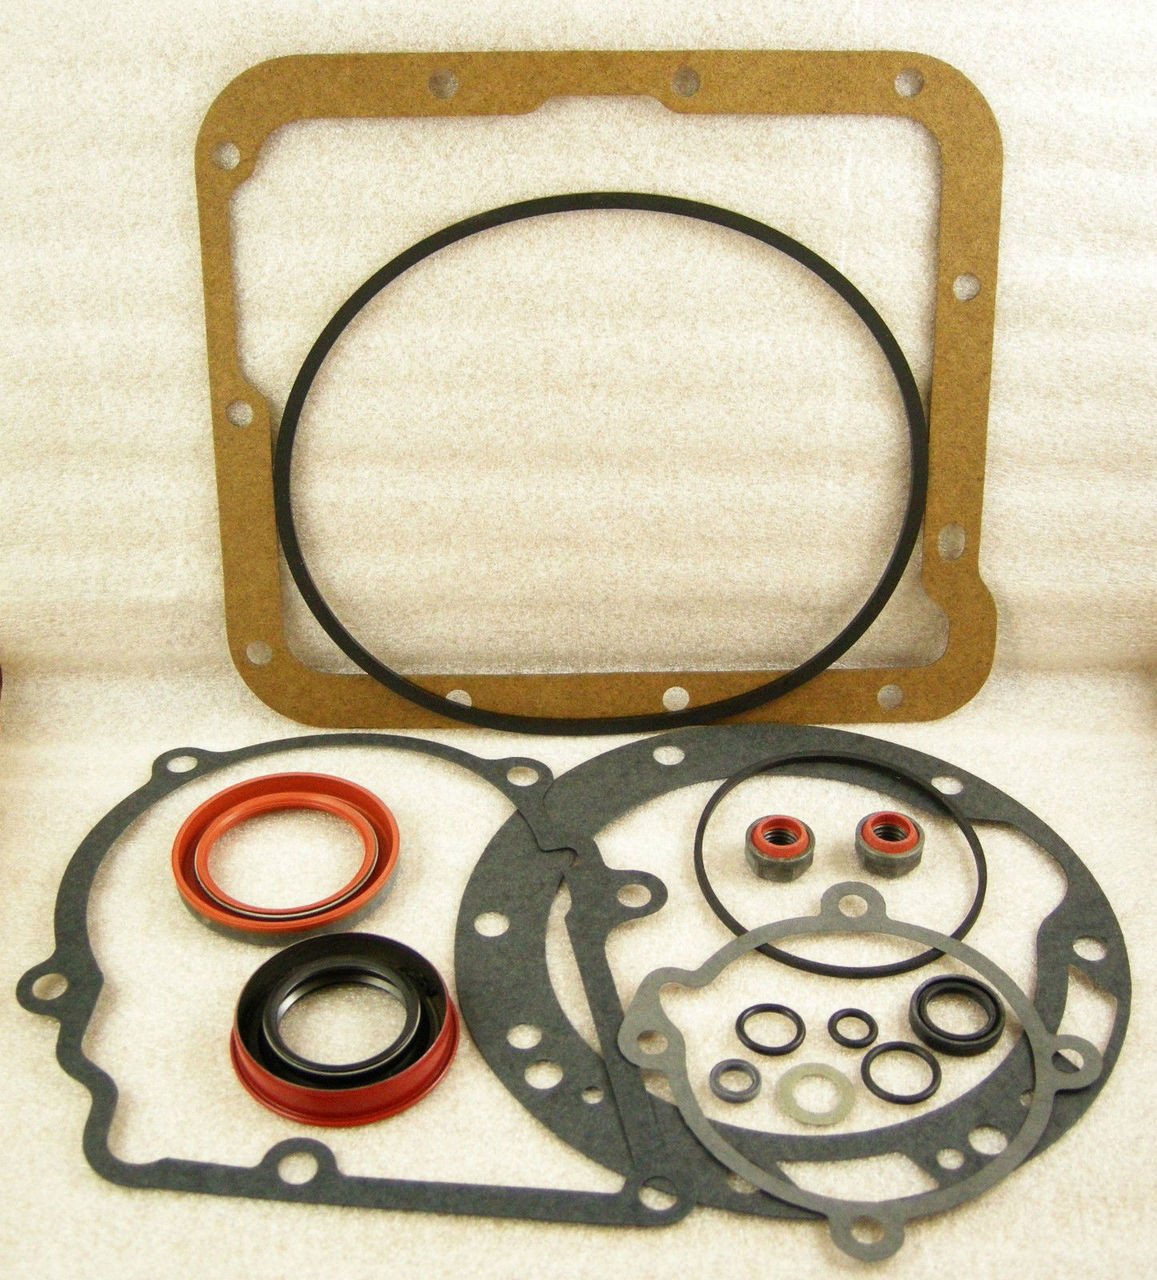 1964 1965 1966 C4 Transmission Gasket & Seal External Leak Sealing Kit